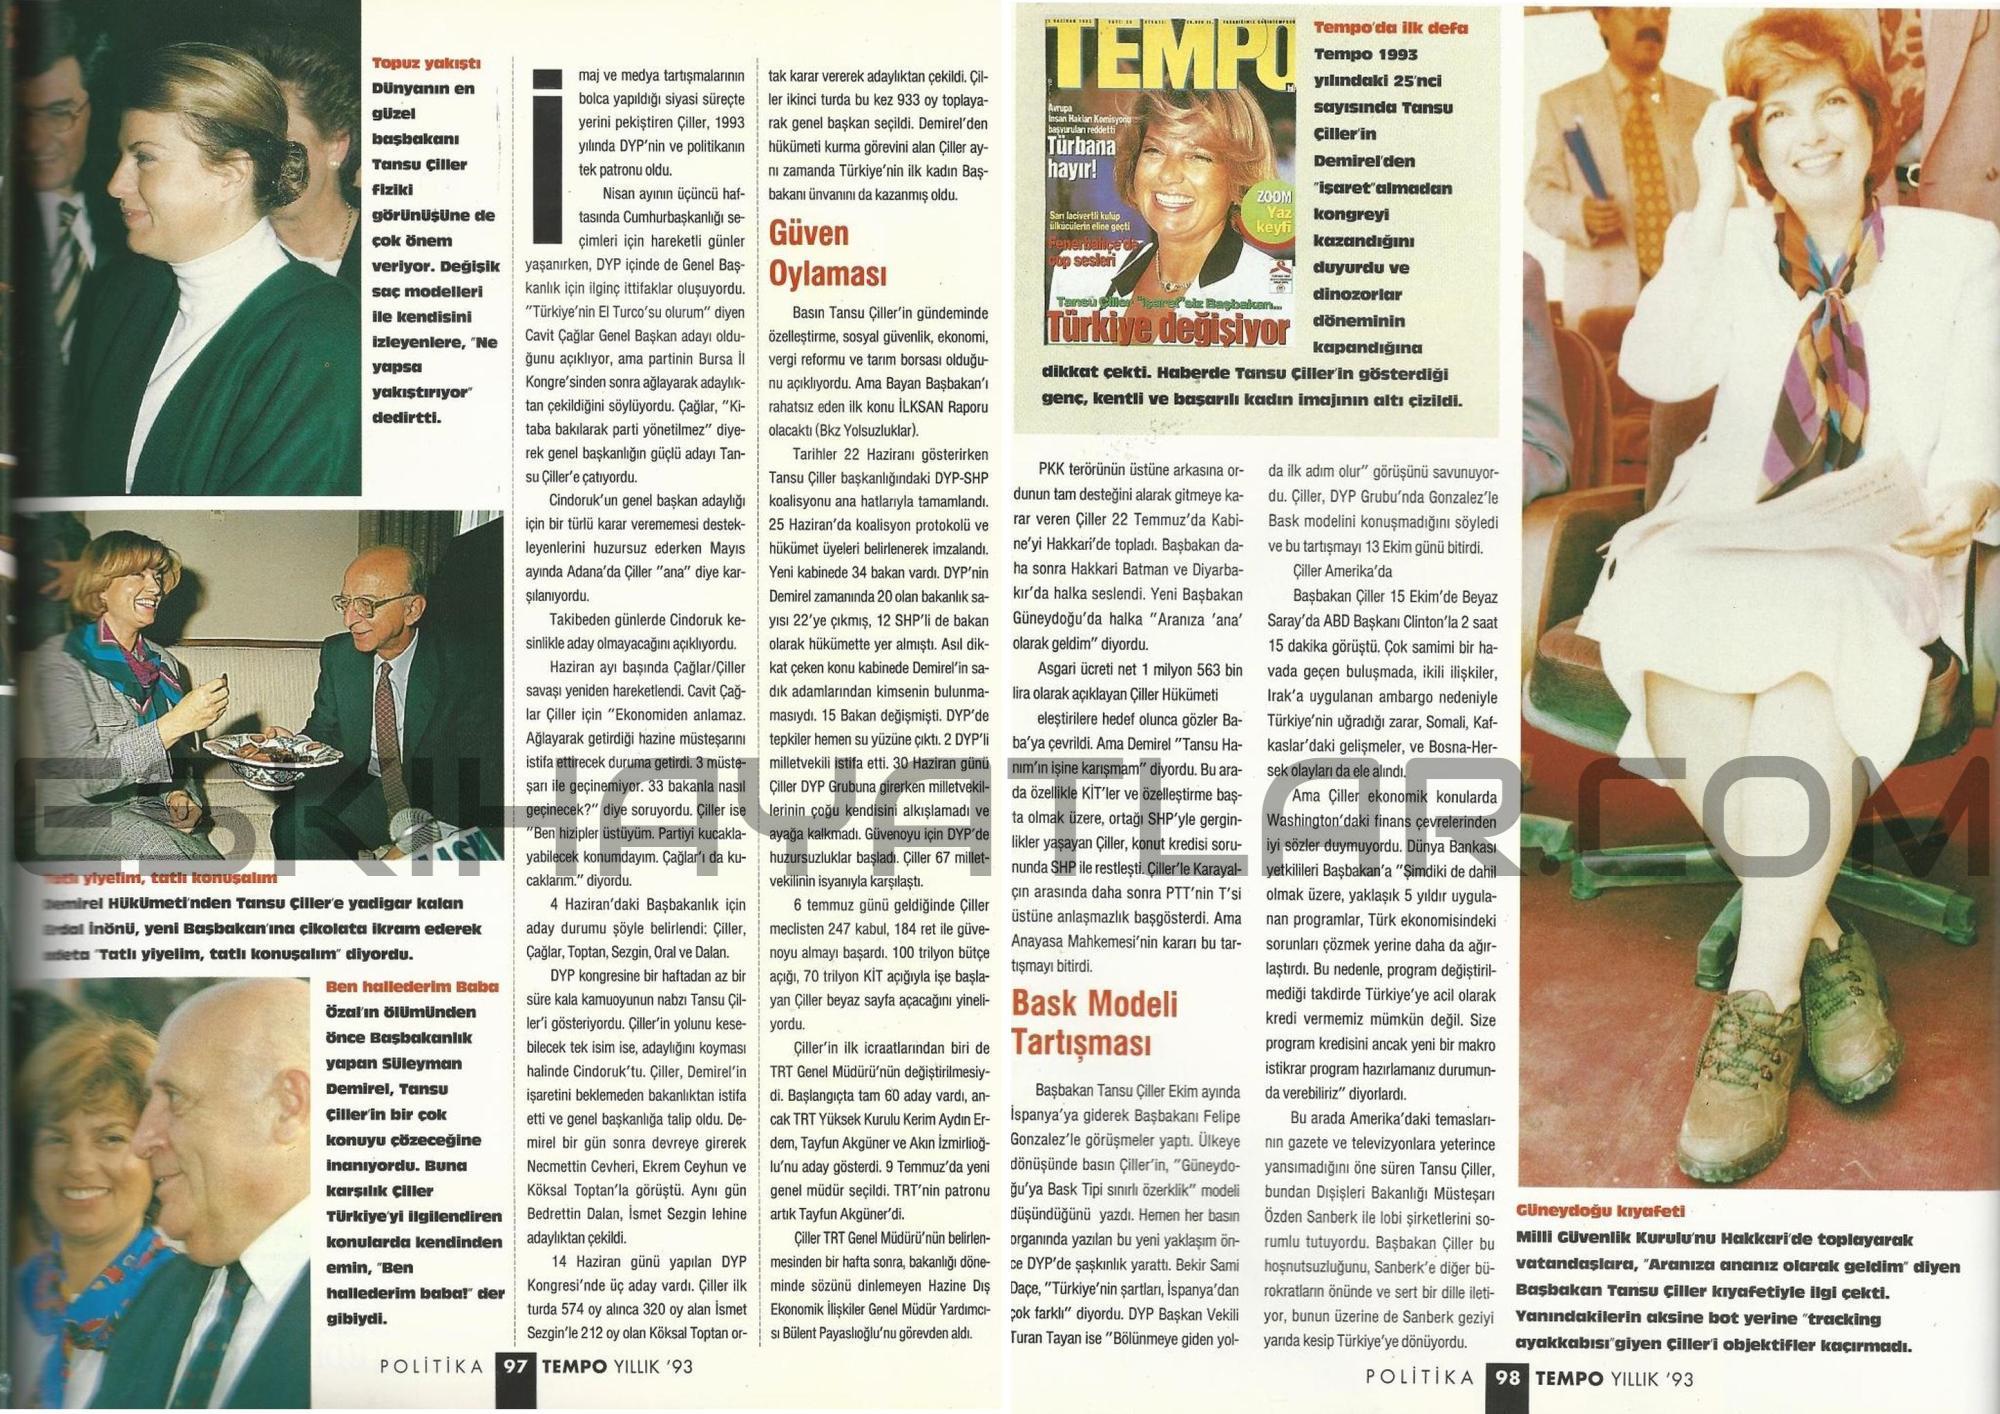 dunyanin-en-guzel-basbakani-tansu-ciller-1993-yilinda-turkiye-dogru-yol-partisi (9)